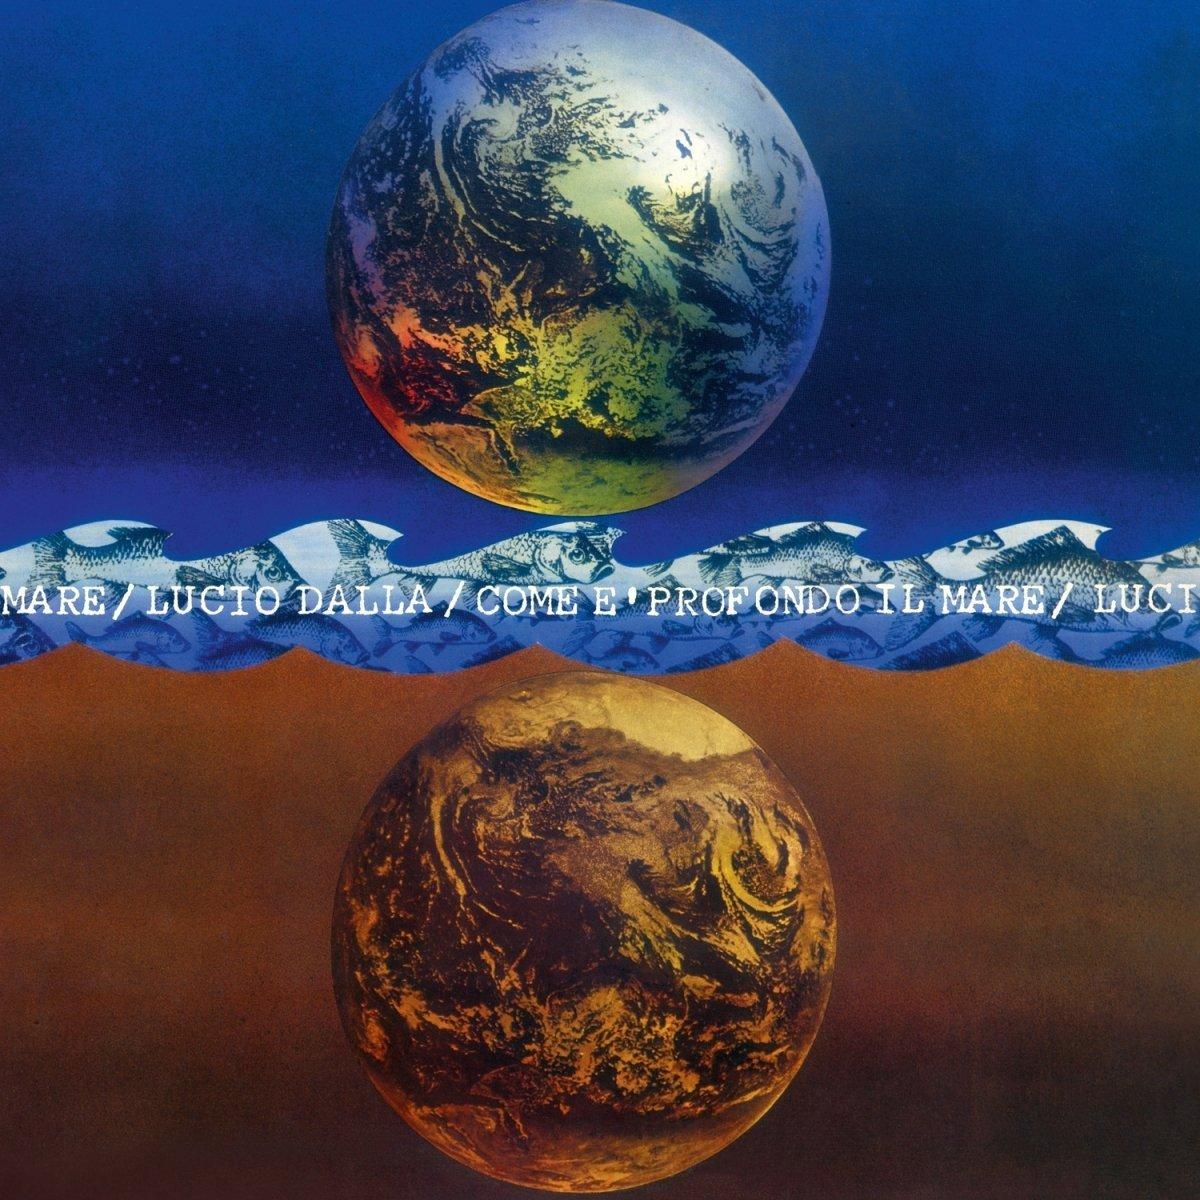 Come E Profondo Il Mare Legacy Edition - Vinyl